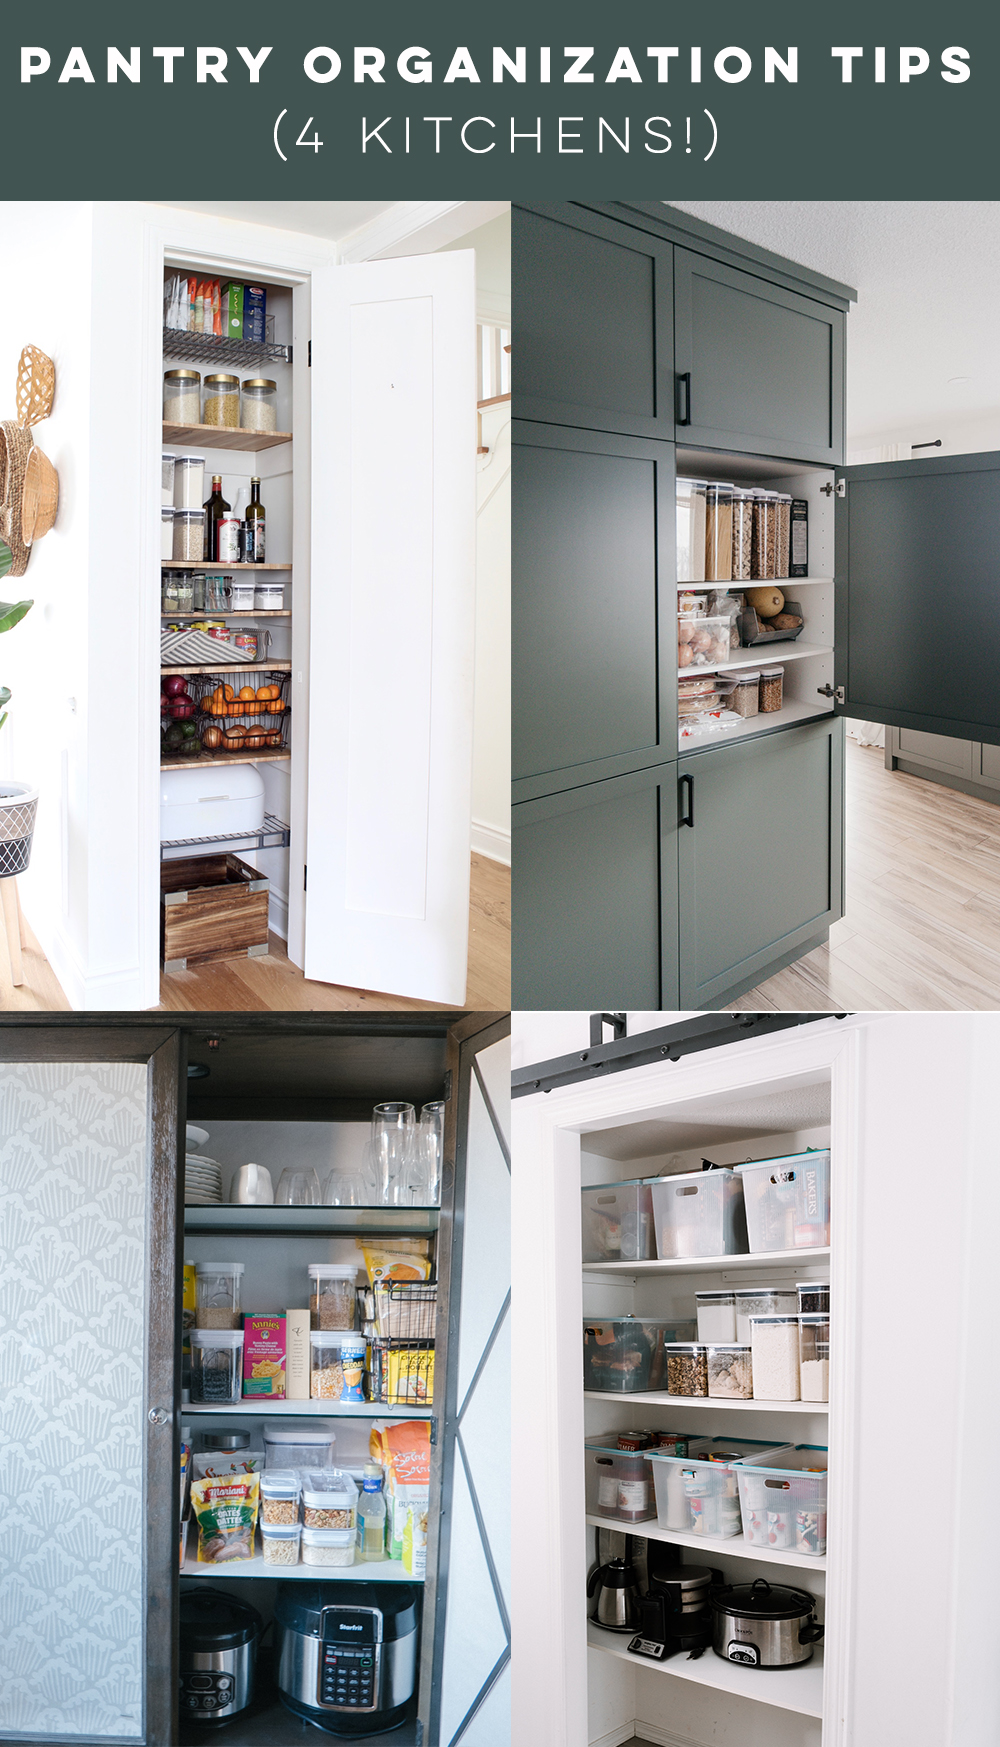 Pantry organization tips- 4 kitchens!